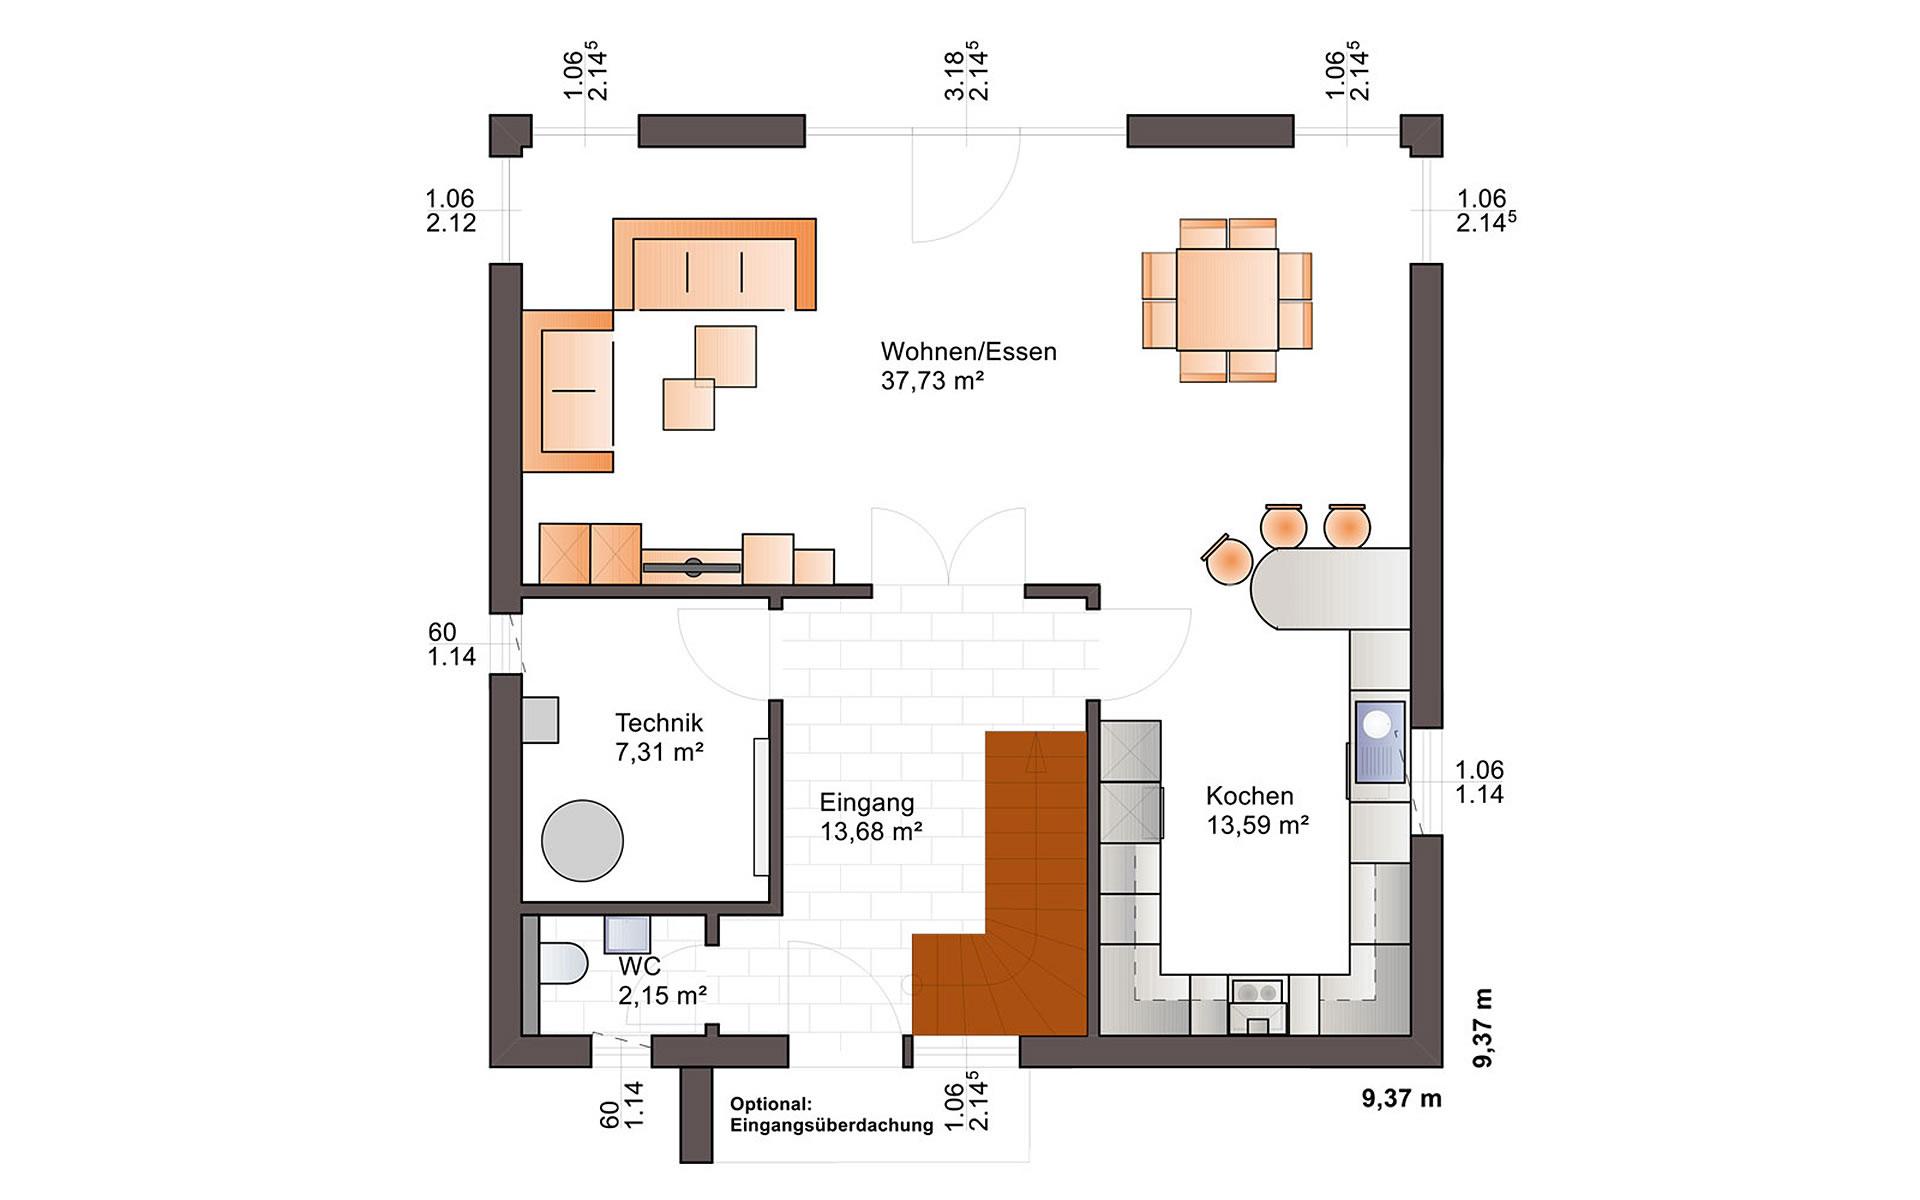 Erdgeschoss Eos 142 von Bärenhaus - das fertige Haus GmbH